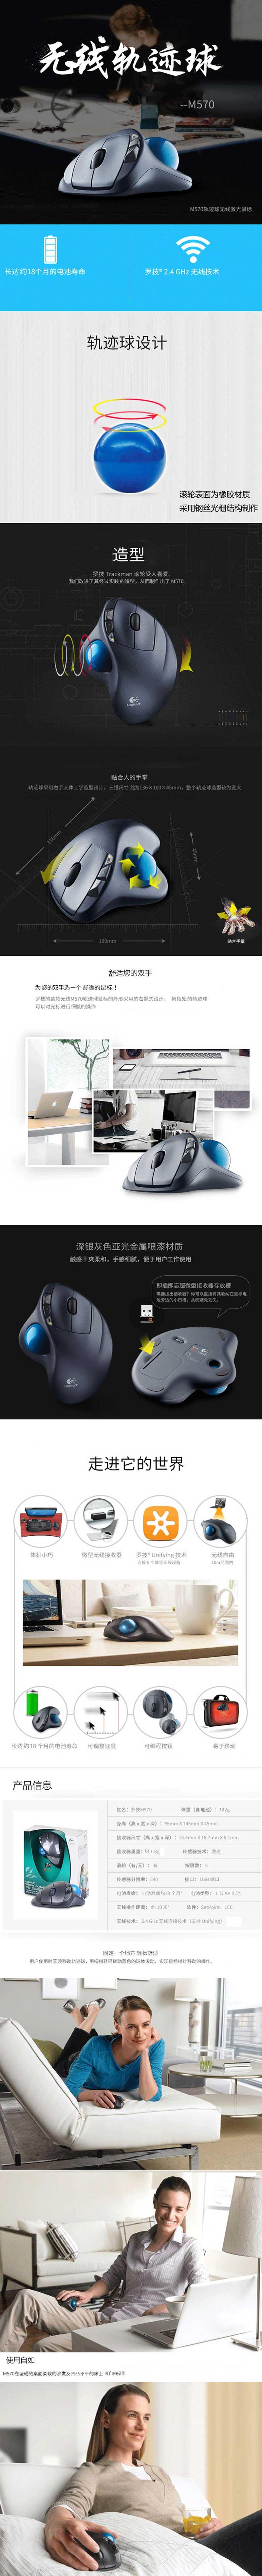 罗技(Logitech) M570无线轨迹球鼠标优联笔记本电脑专业绘图防鼠标手人体工学 灰色